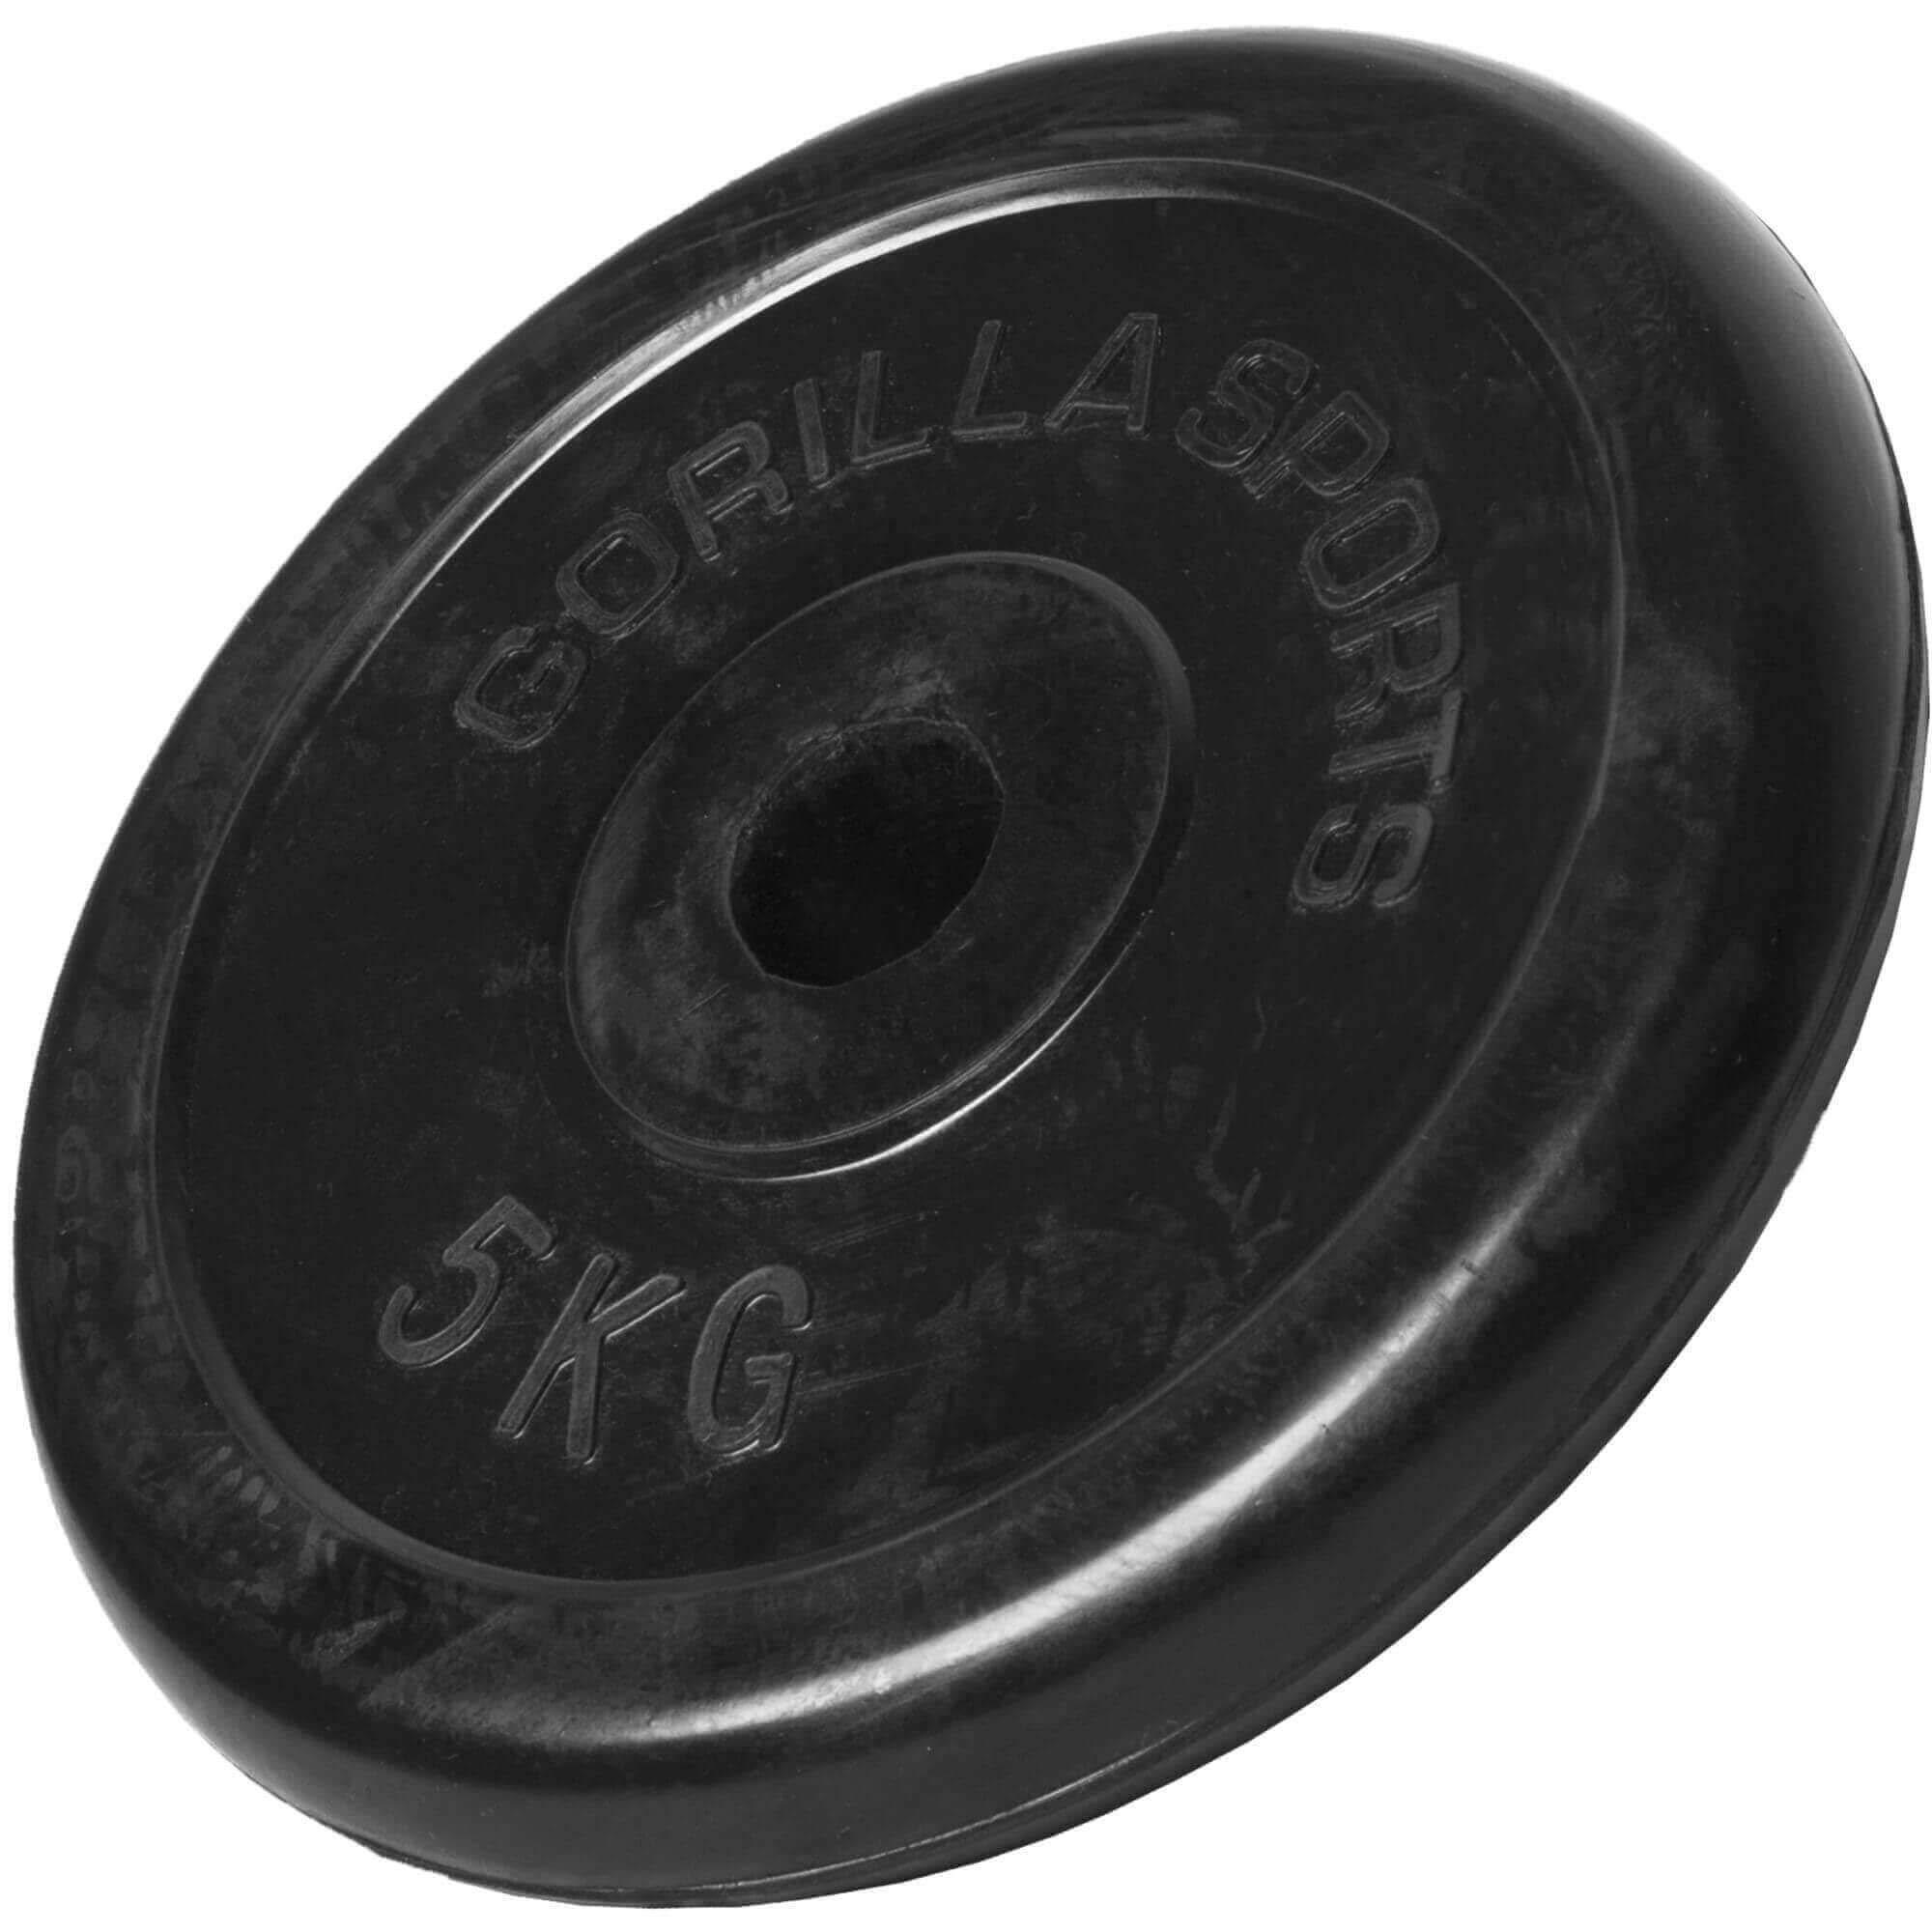 50/mm Olympia hole polyurethane-coated cast iron single black Suprfit polyurethane dumbbell disc with handle